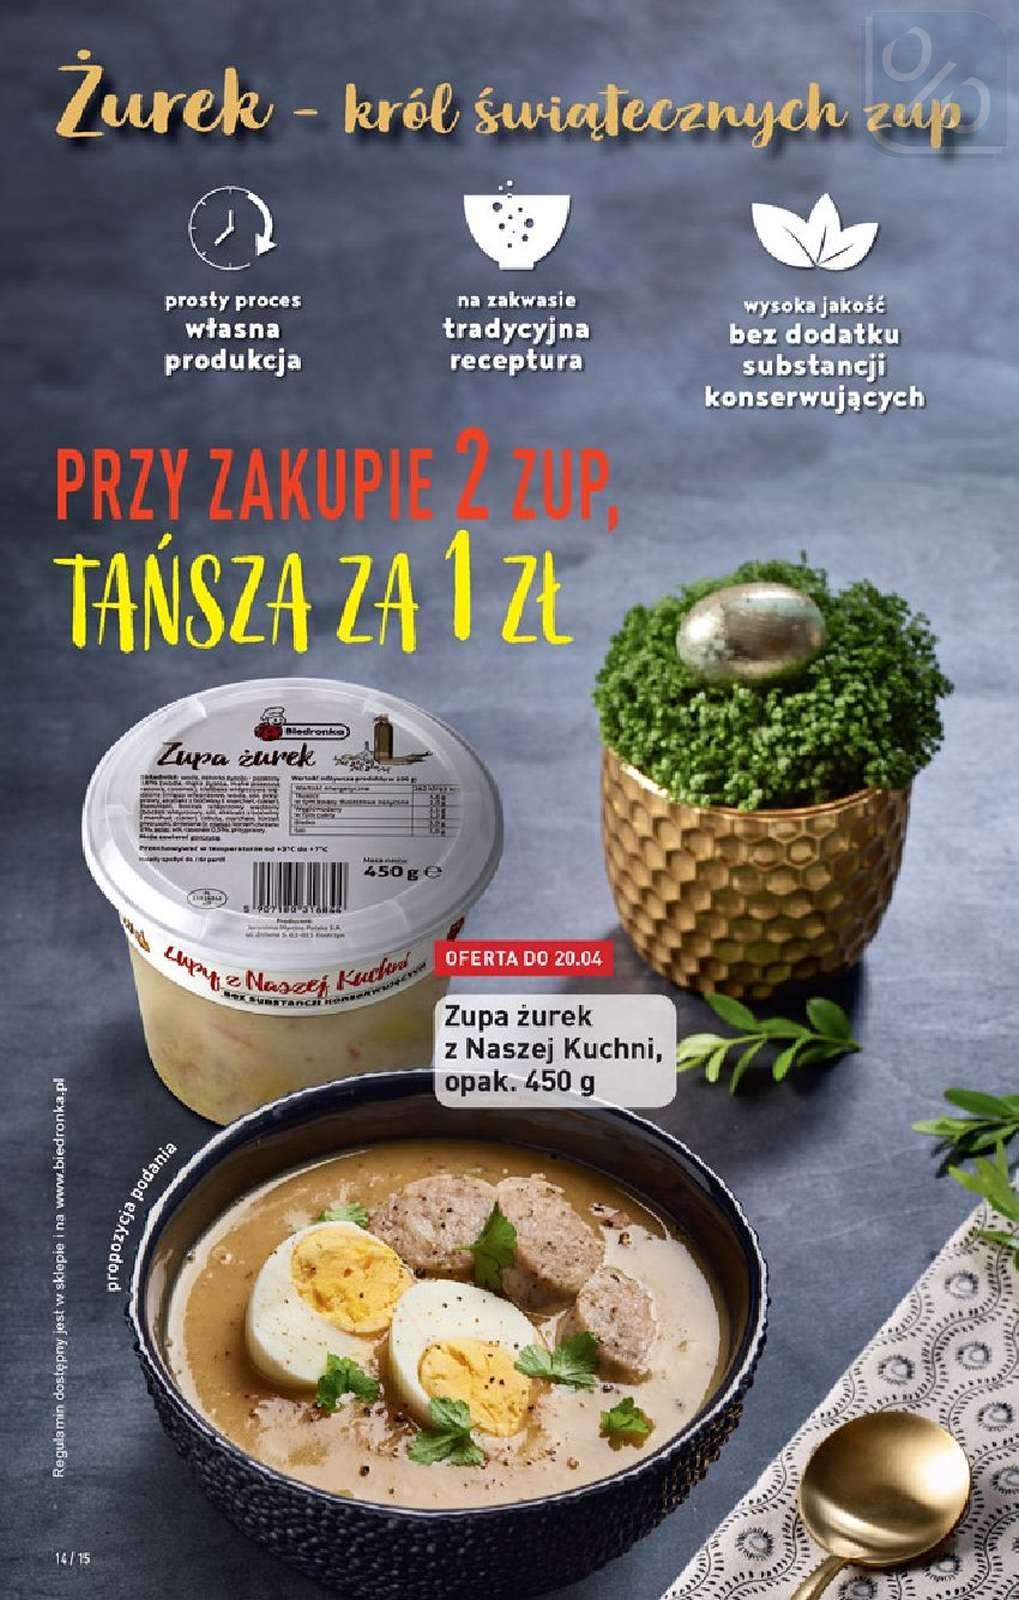 Gazetka promocyjna Biedronka do 24/04/2019 str.13